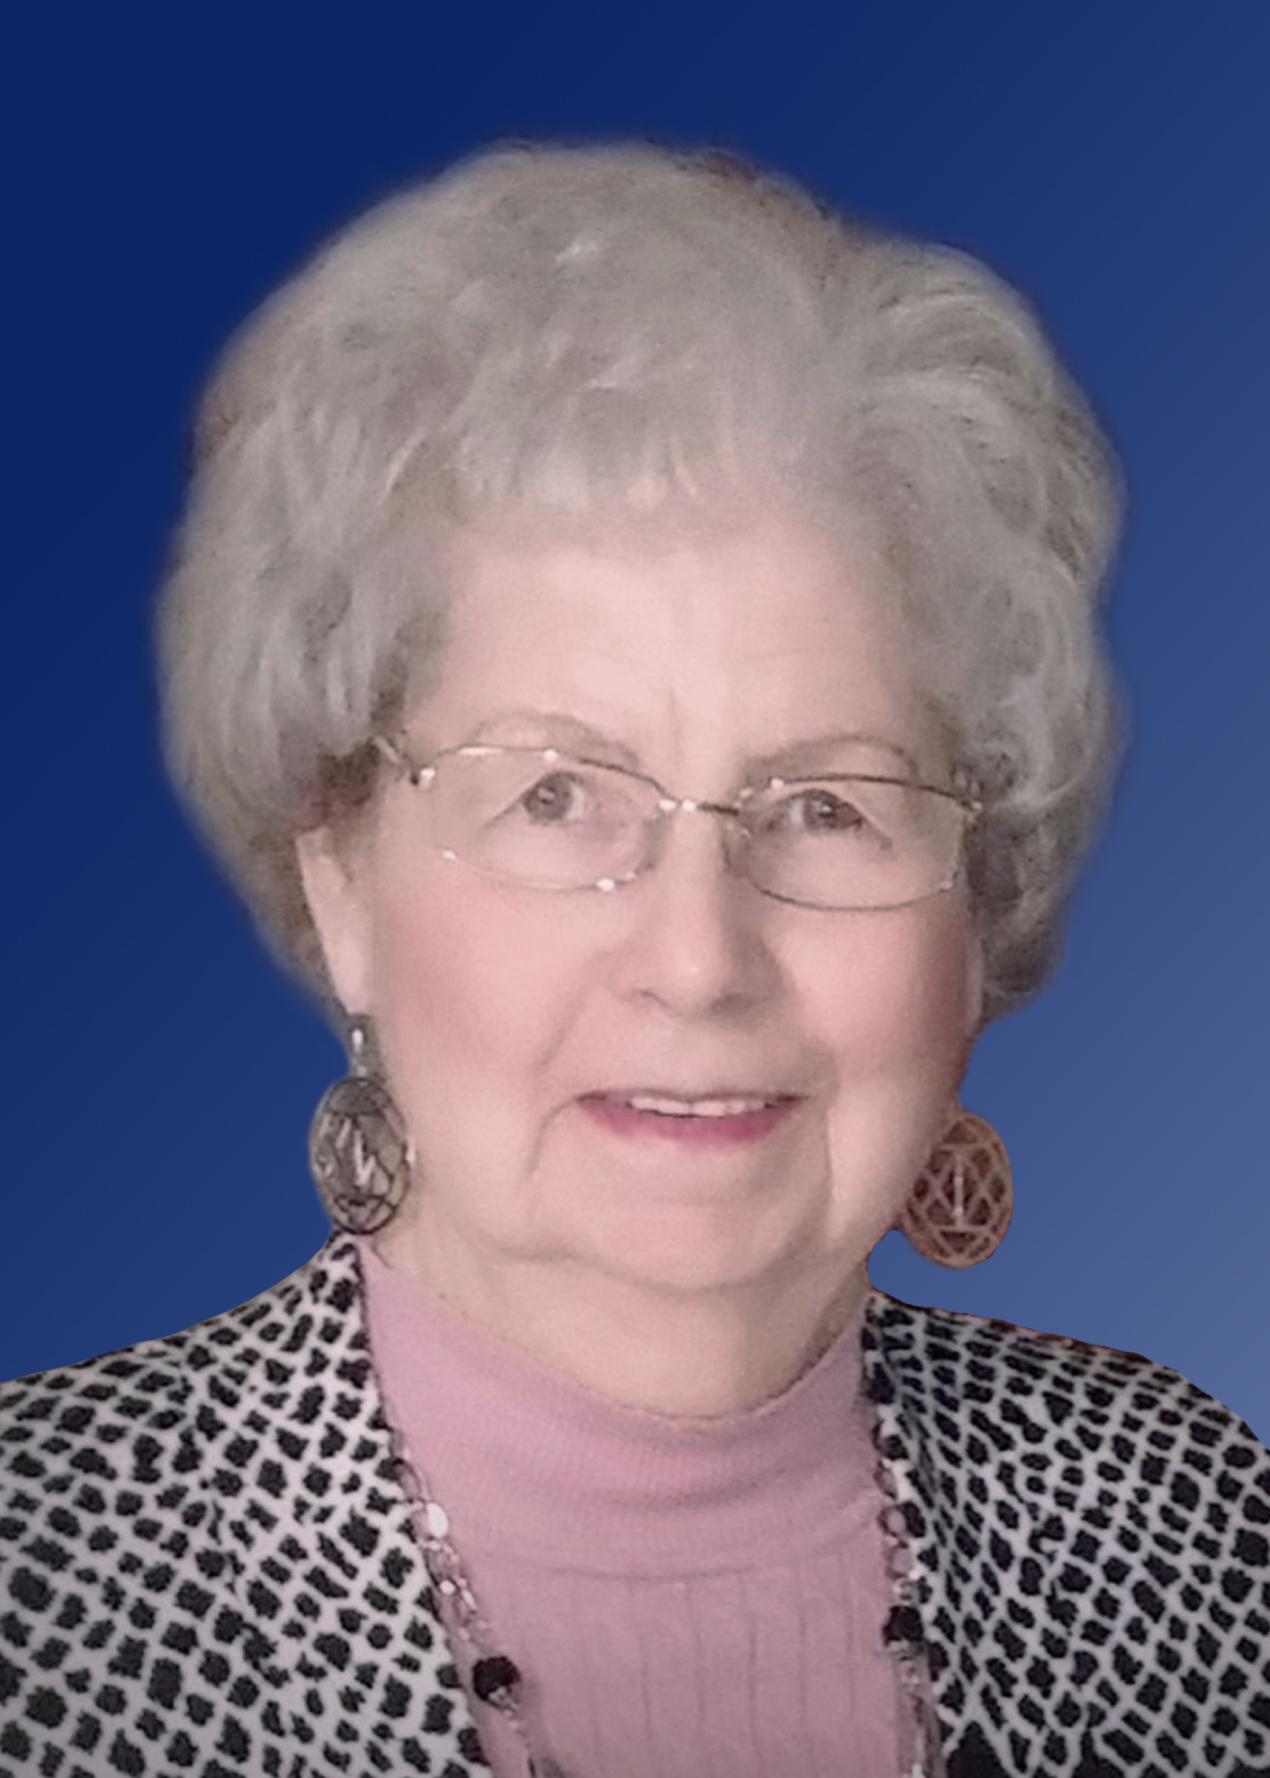 Prescott Tousignant Hélène - 1932-2017